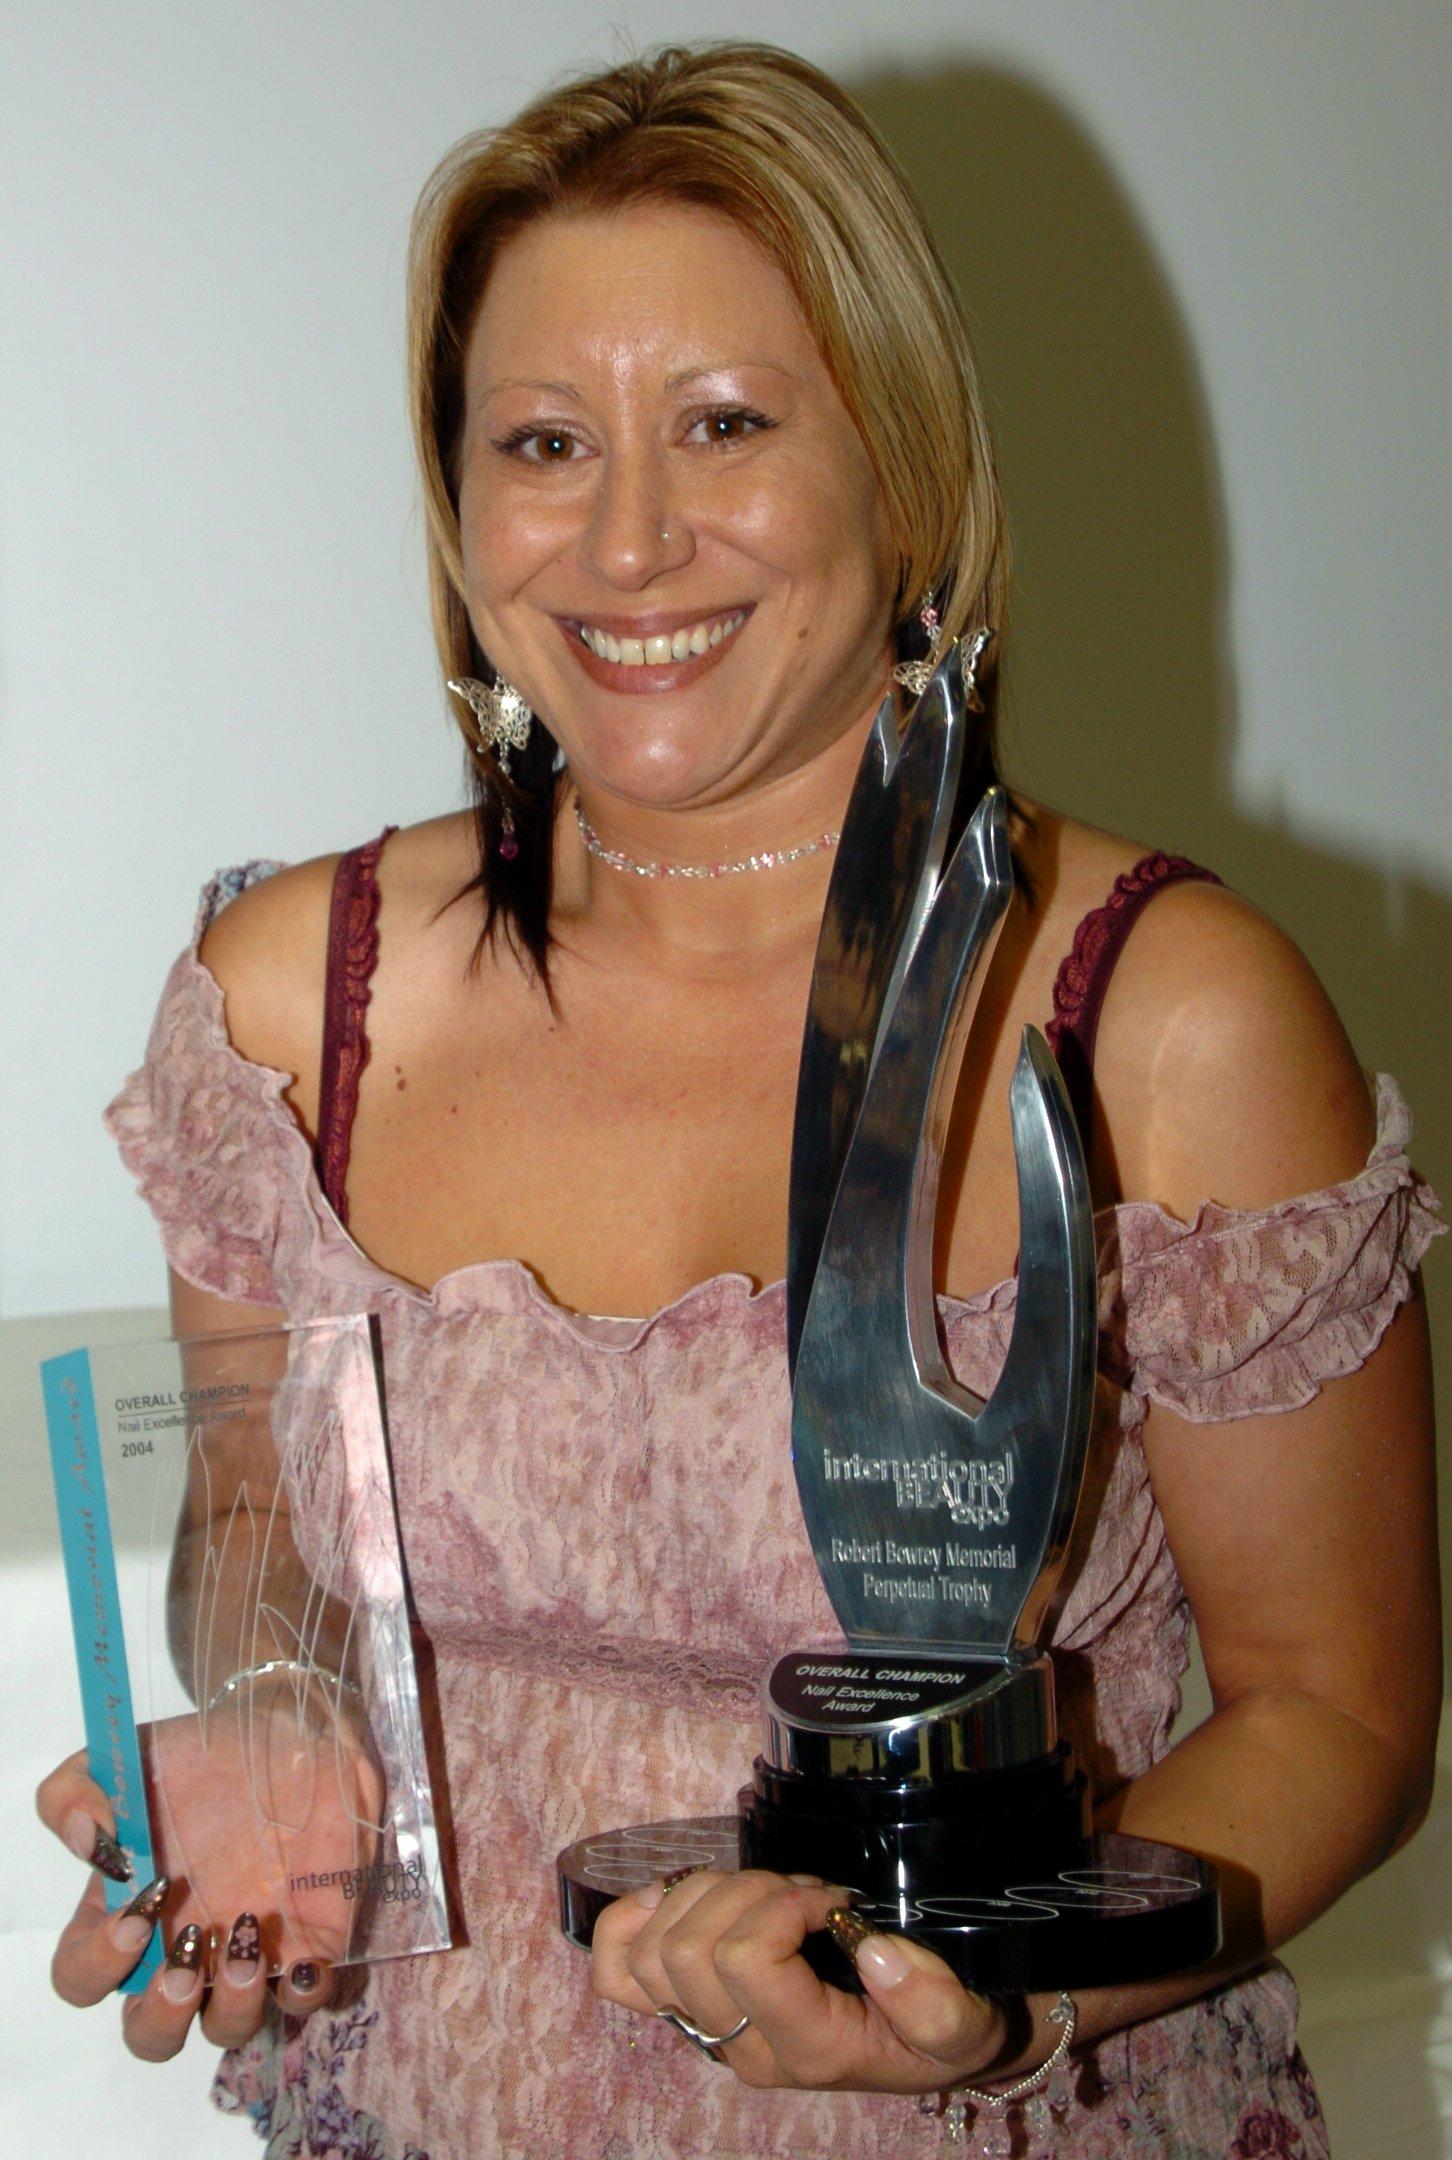 Viv-nailchampion2004